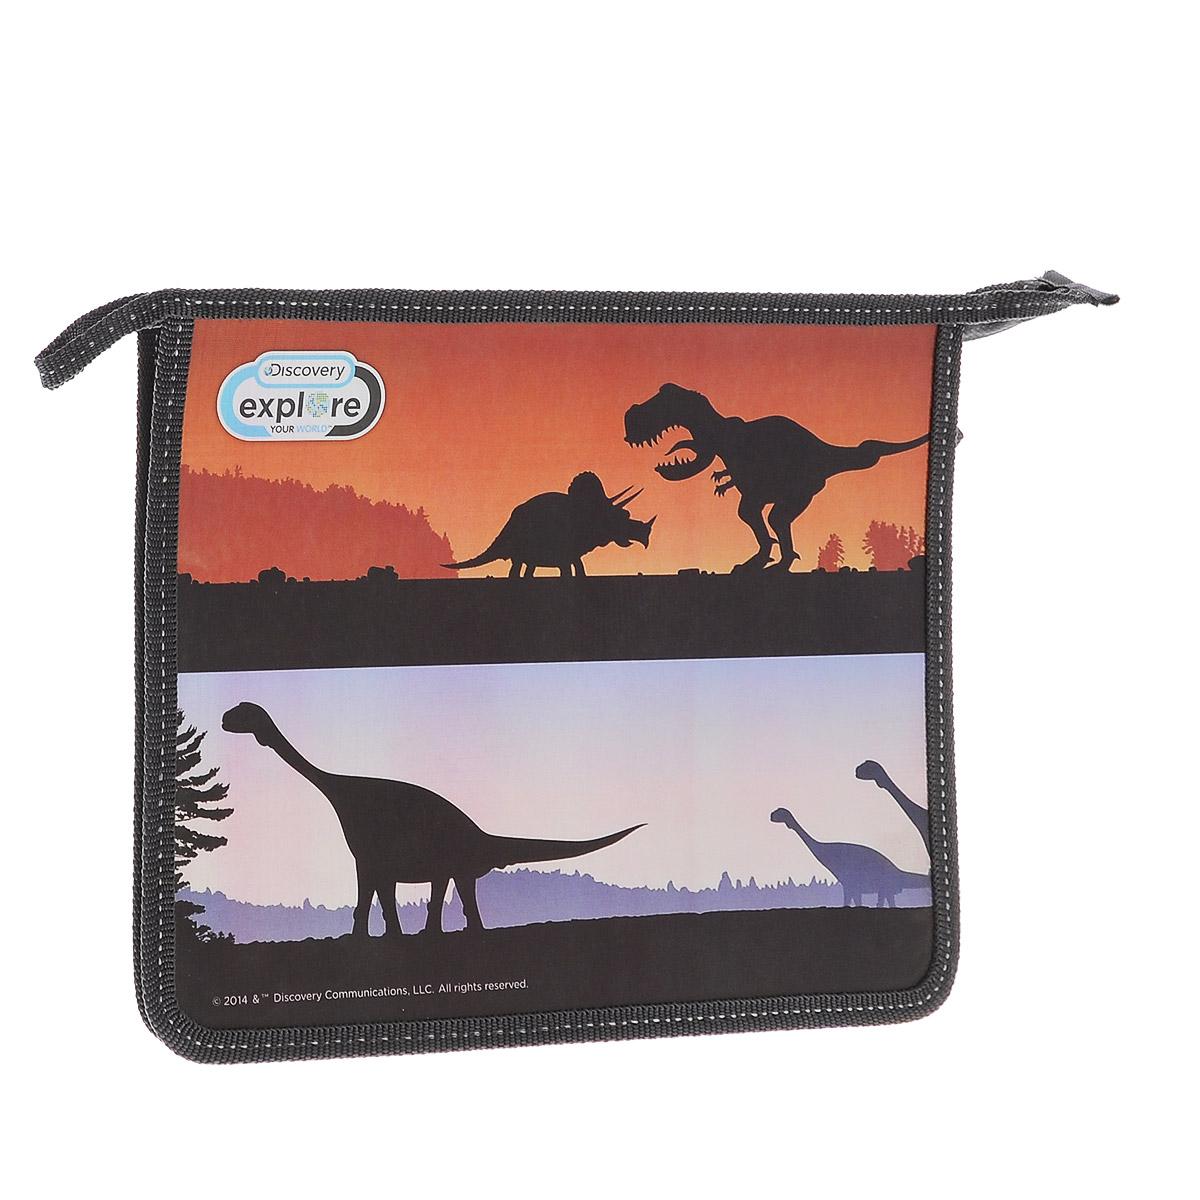 Action! Папка для тетрадей Discovery Динозавры цвет черныйC32164/DV-FZA5_серыйПапка Action! Discovery предназначена для хранения тетрадей, рисунков и прочих бумаг с максимальным форматом А5. Папка выполнена из прочного материала и содержит одно отделение. Закрывается она на застежку-молнию. Лицевая сторона папки оформлена изображениями силуэтов динозавров. С папкой Action! Discovery тетради вашего ребенка всегда будут выглядеть опрятно.